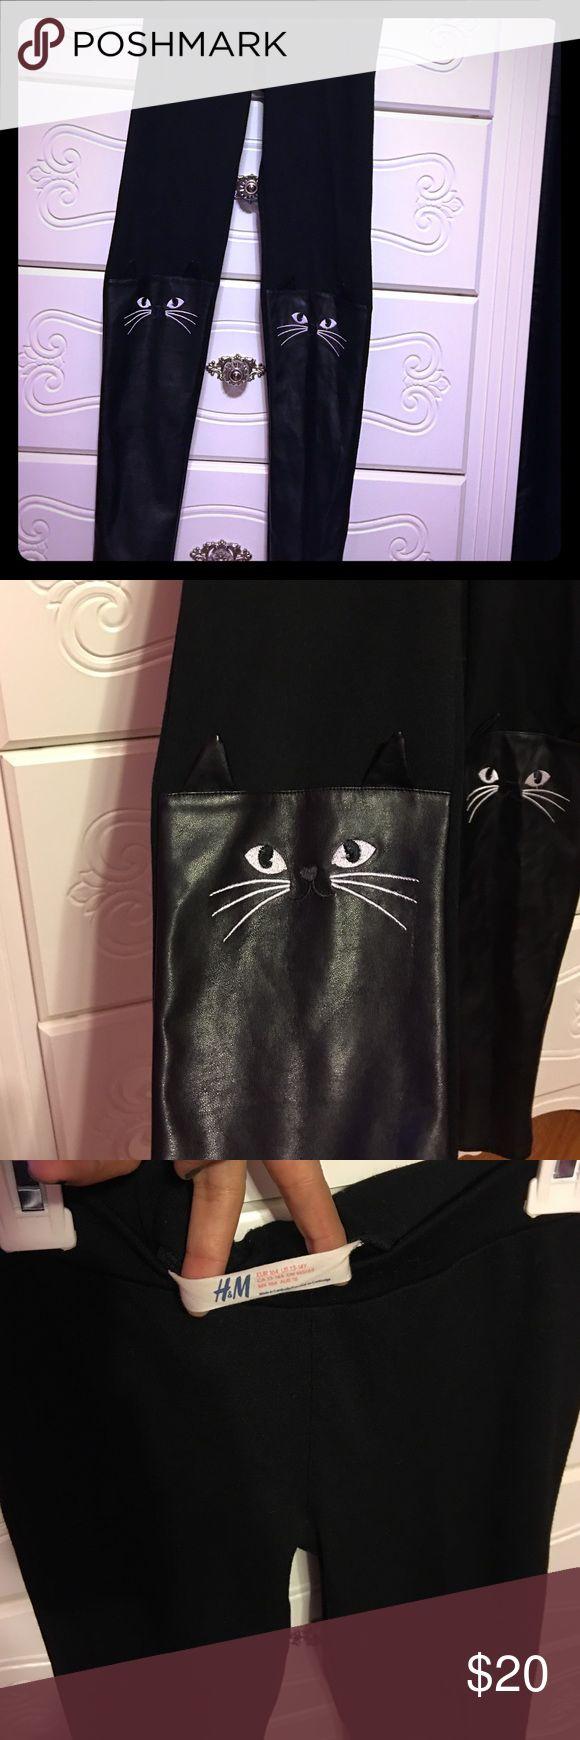 Girl's Black leggings Stylish H&M girl's black leggings with cat face on knees. H&M Bottoms Leggings